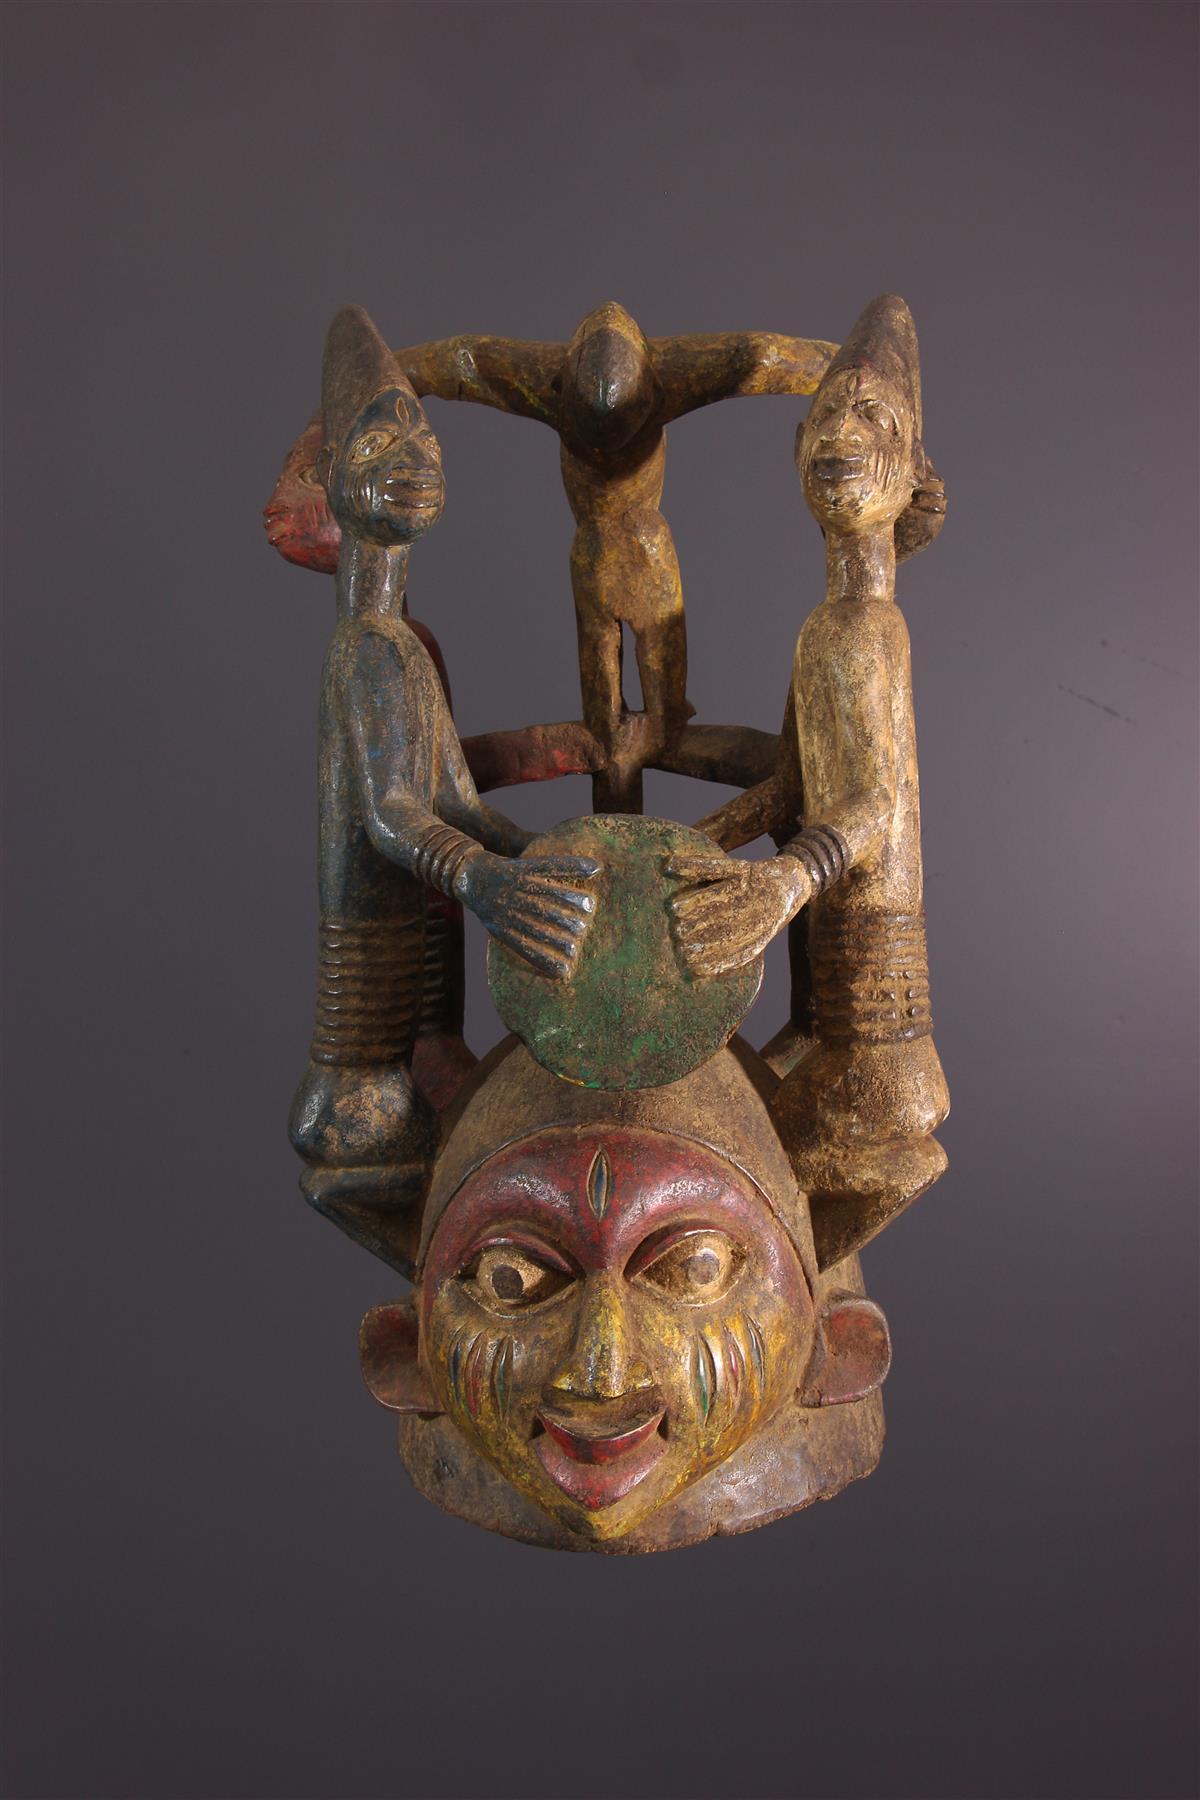 Masque Gelede - Tribal art